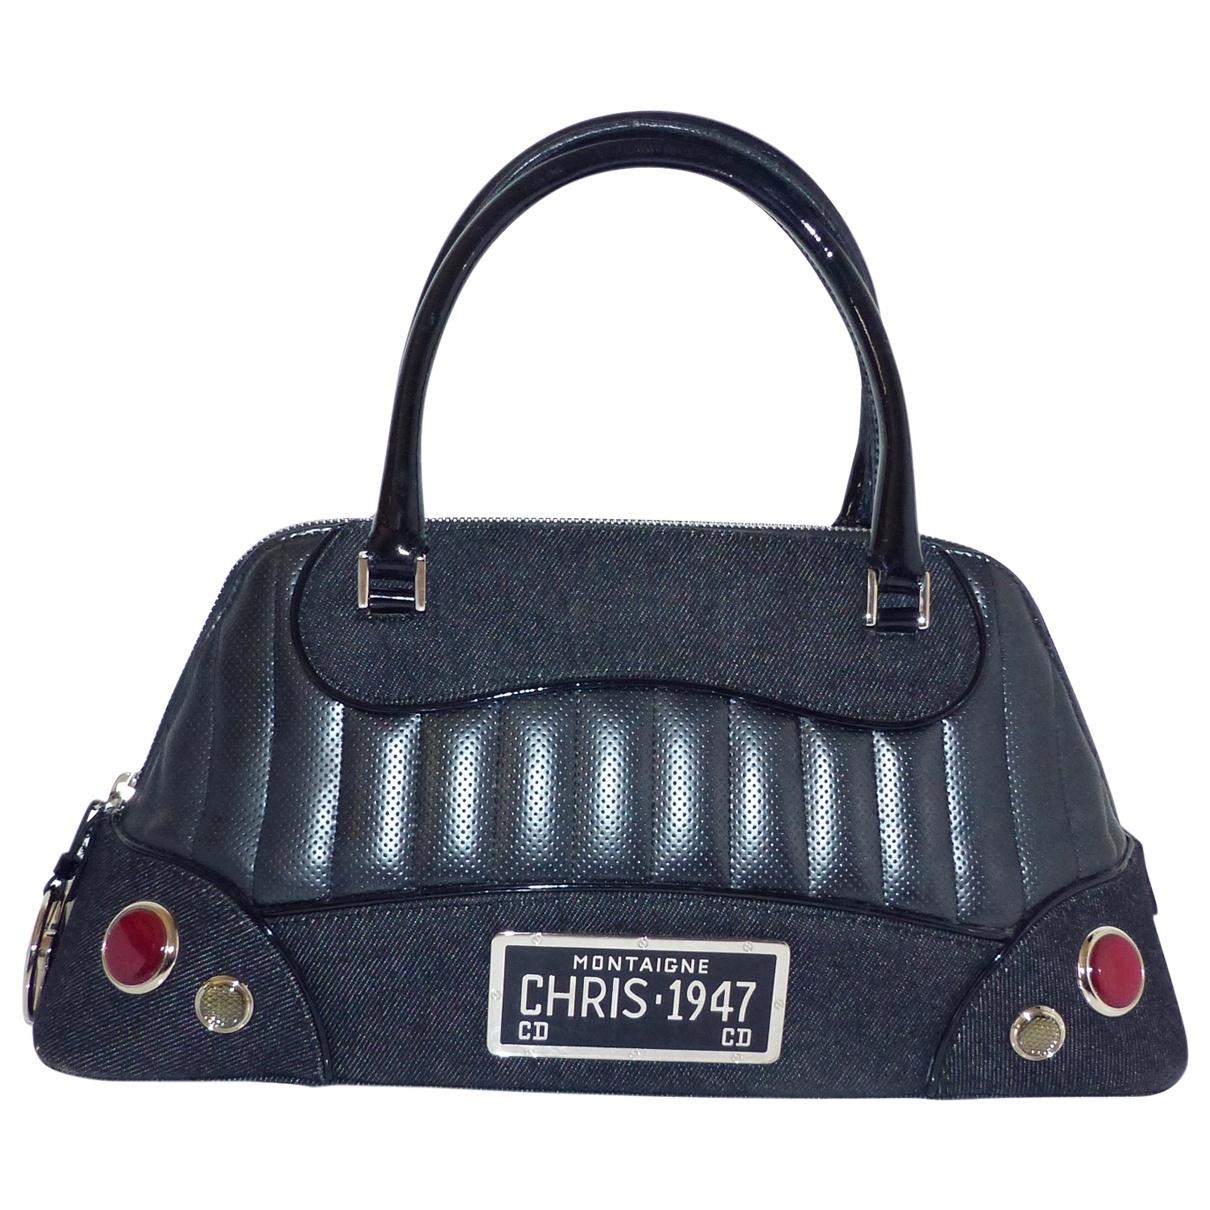 Dior Cadillac  Handtasche in  Schwarz Denim - Jeans